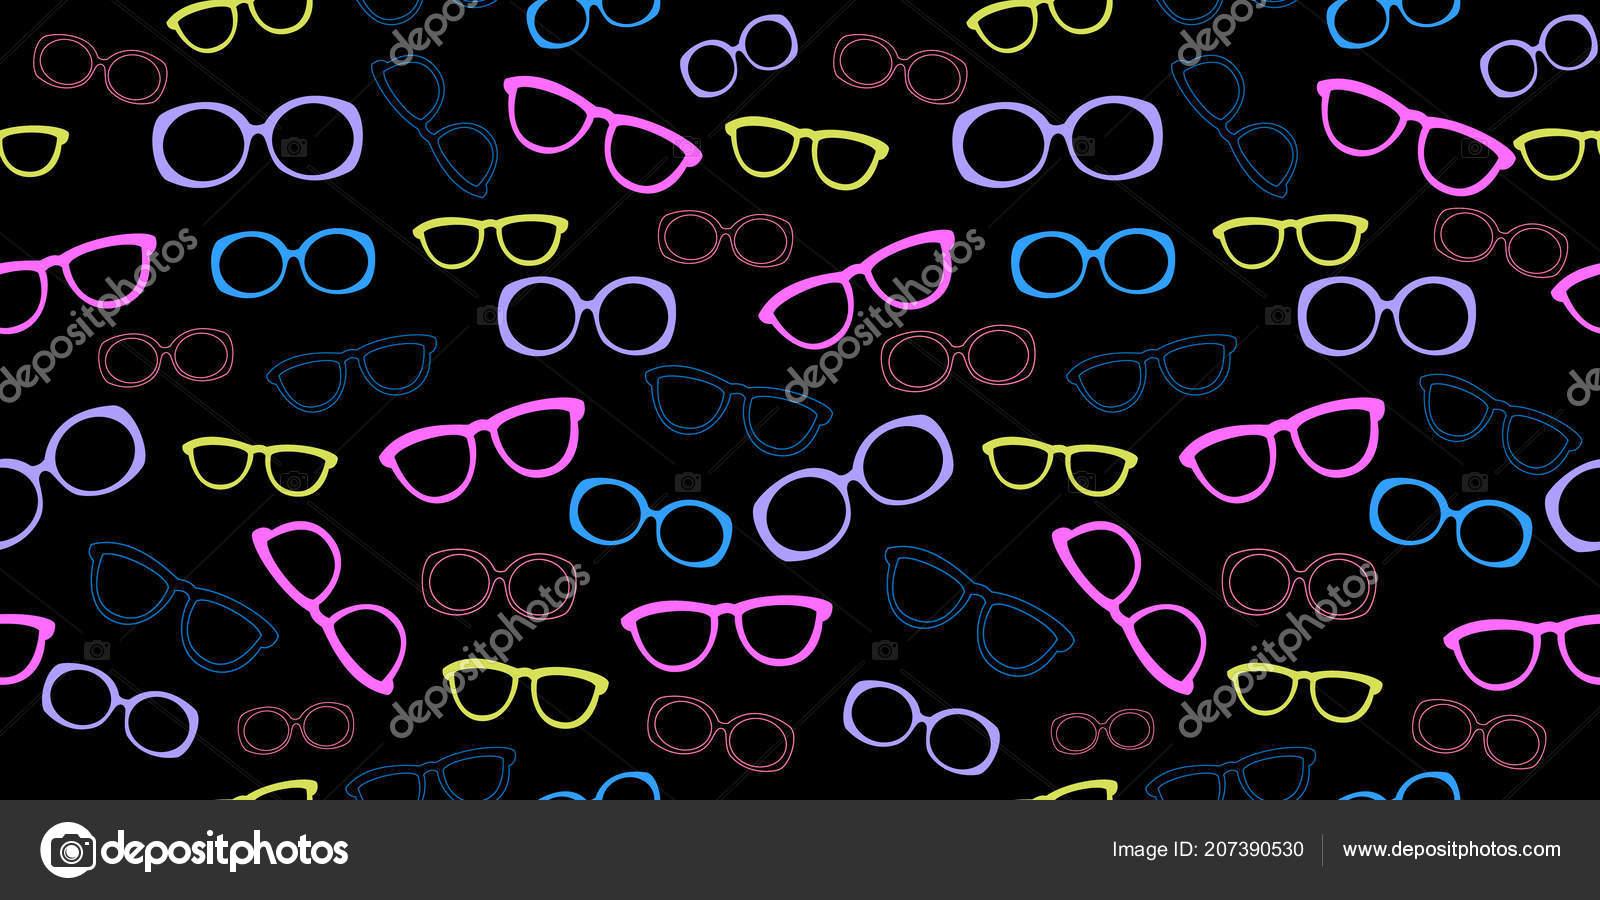 Con Verano Vector Ilustración Imprimir Transparente Gafas Sol Patrón nkwO8P0